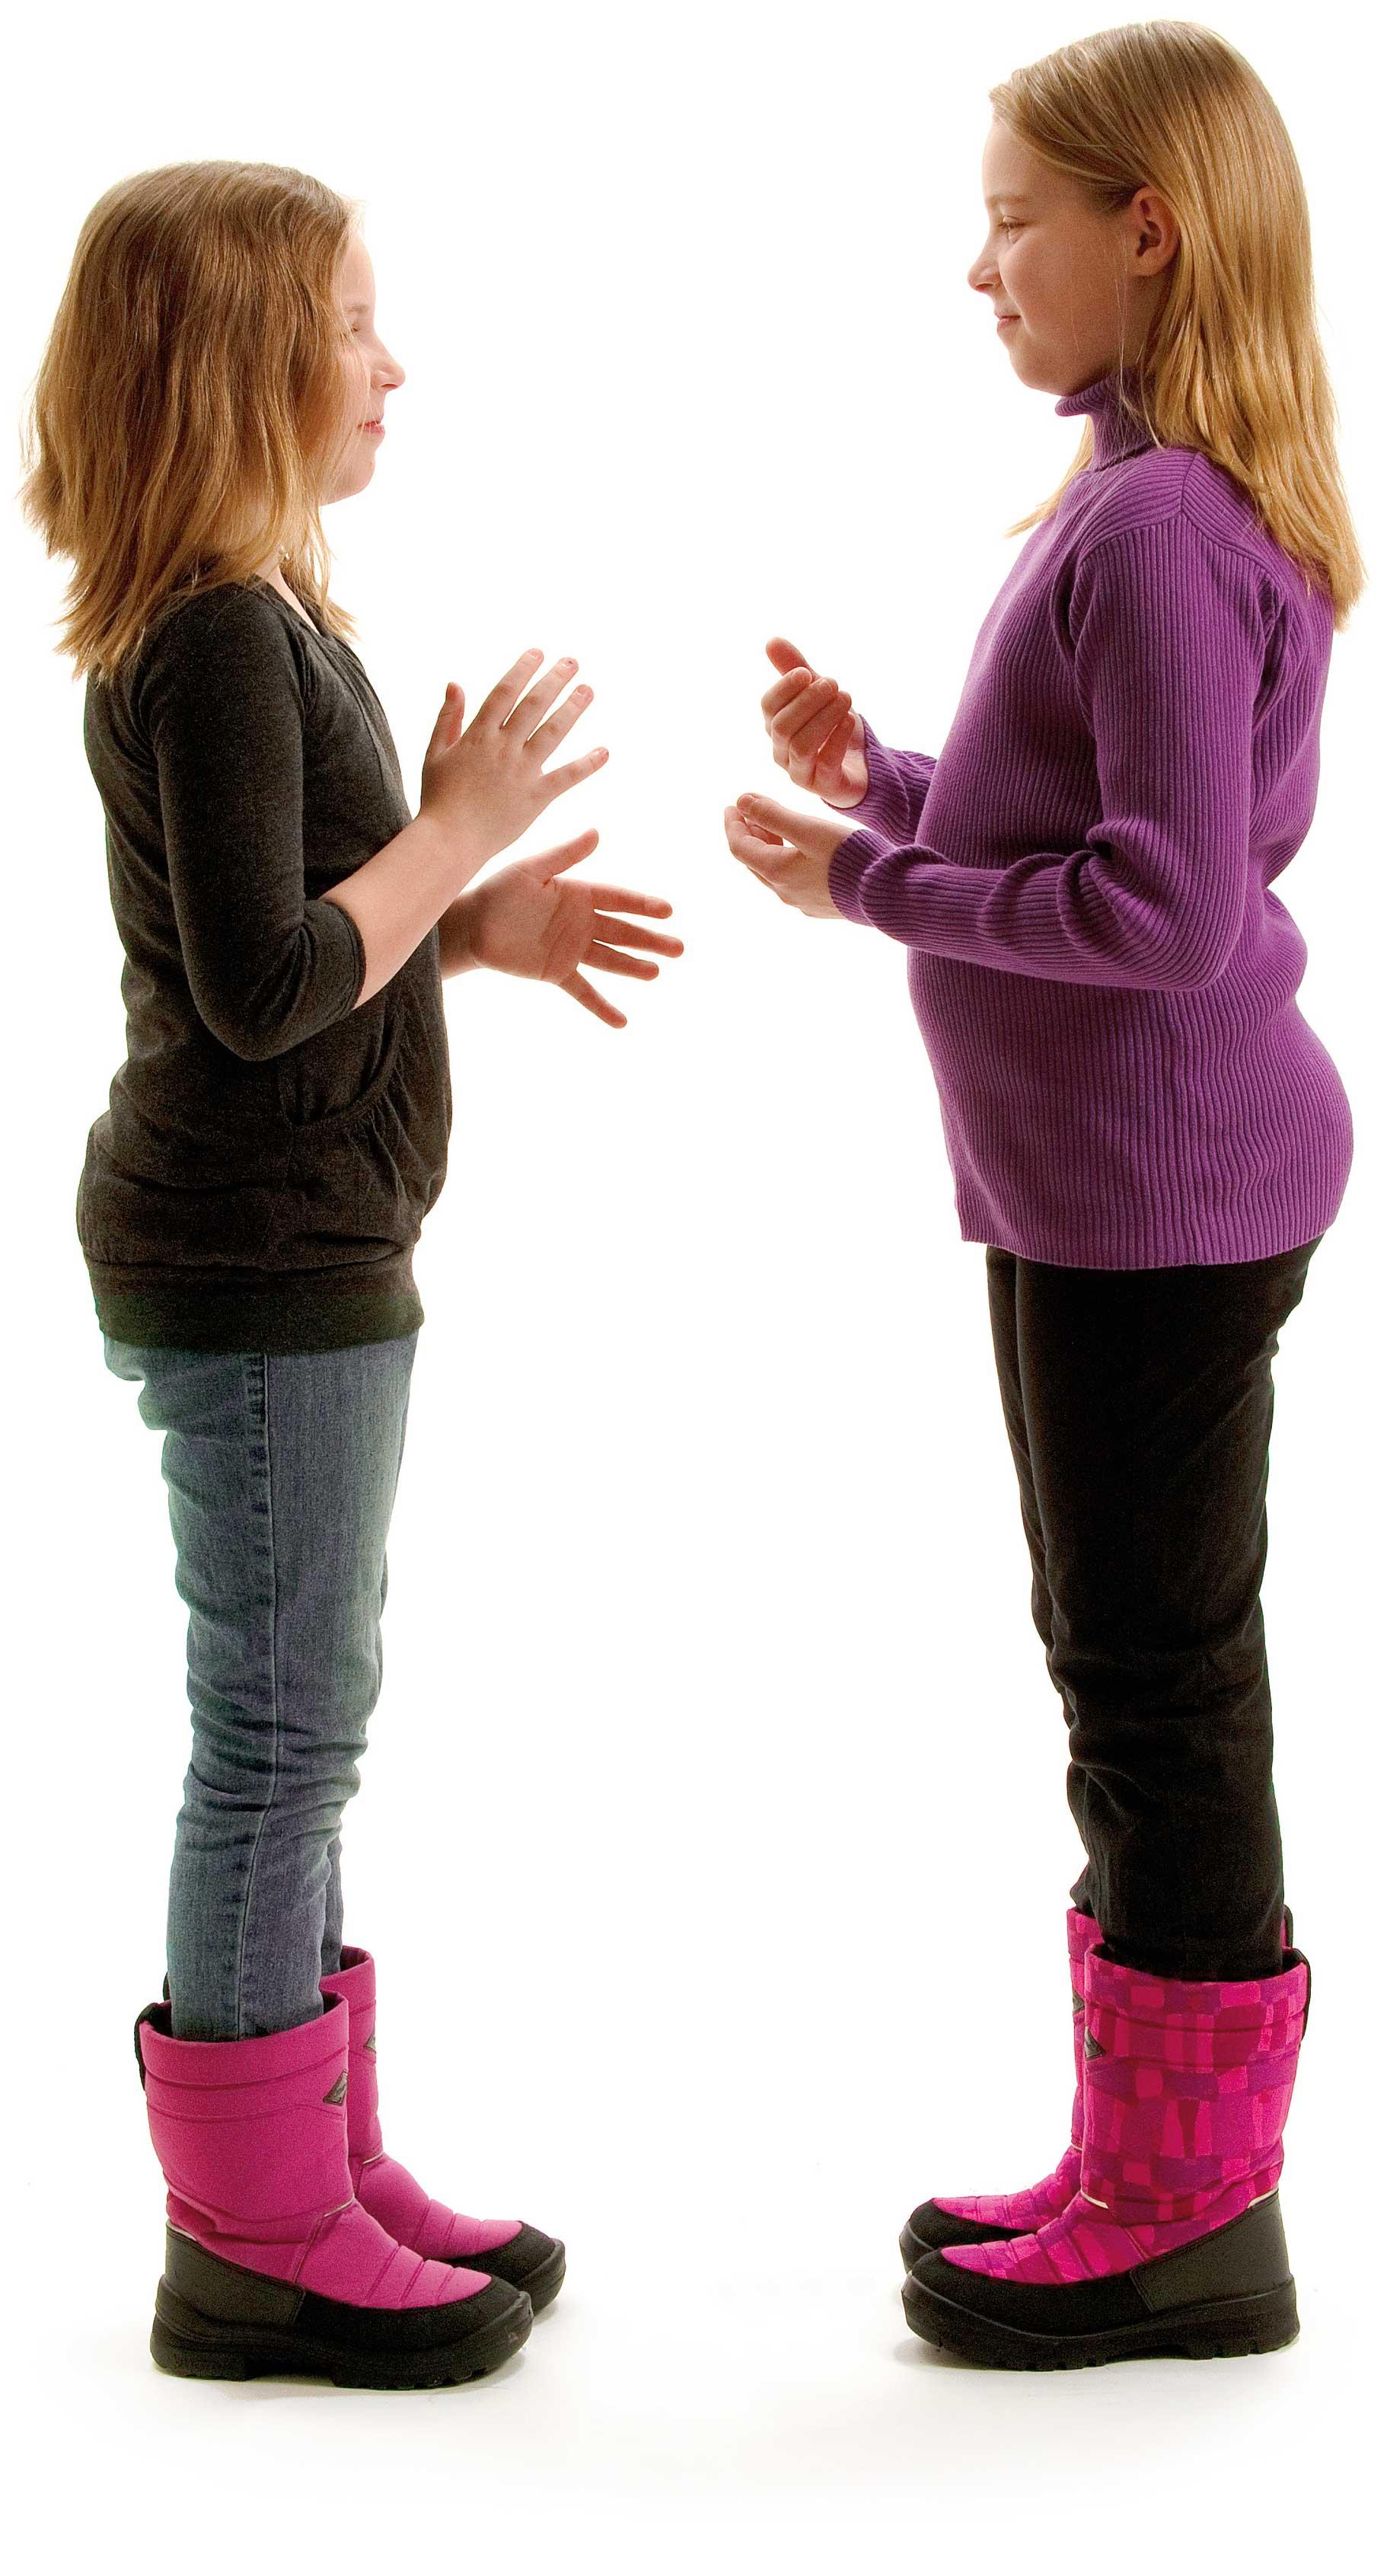 Kaksi nuorta tyttöä seisoo vastakkain, päällä sisävaatteet, jalassa talvikengät. Molemmilla on kädet koholla valmiina viittomaan.